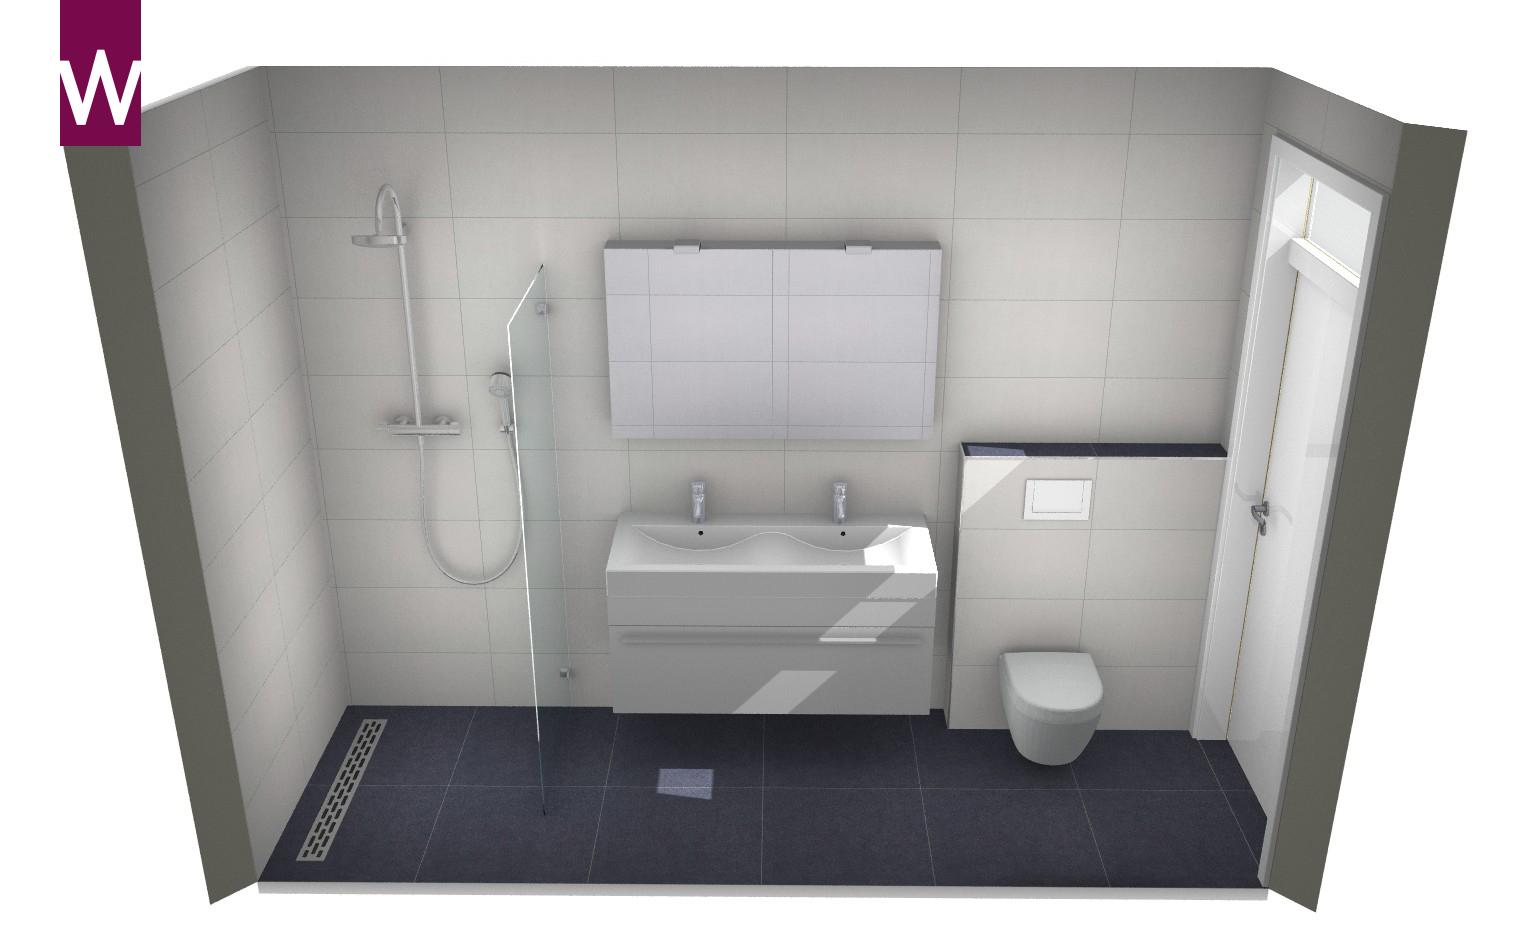 Smalle kleine badkamer kleine - Badkamer met wastafel ...